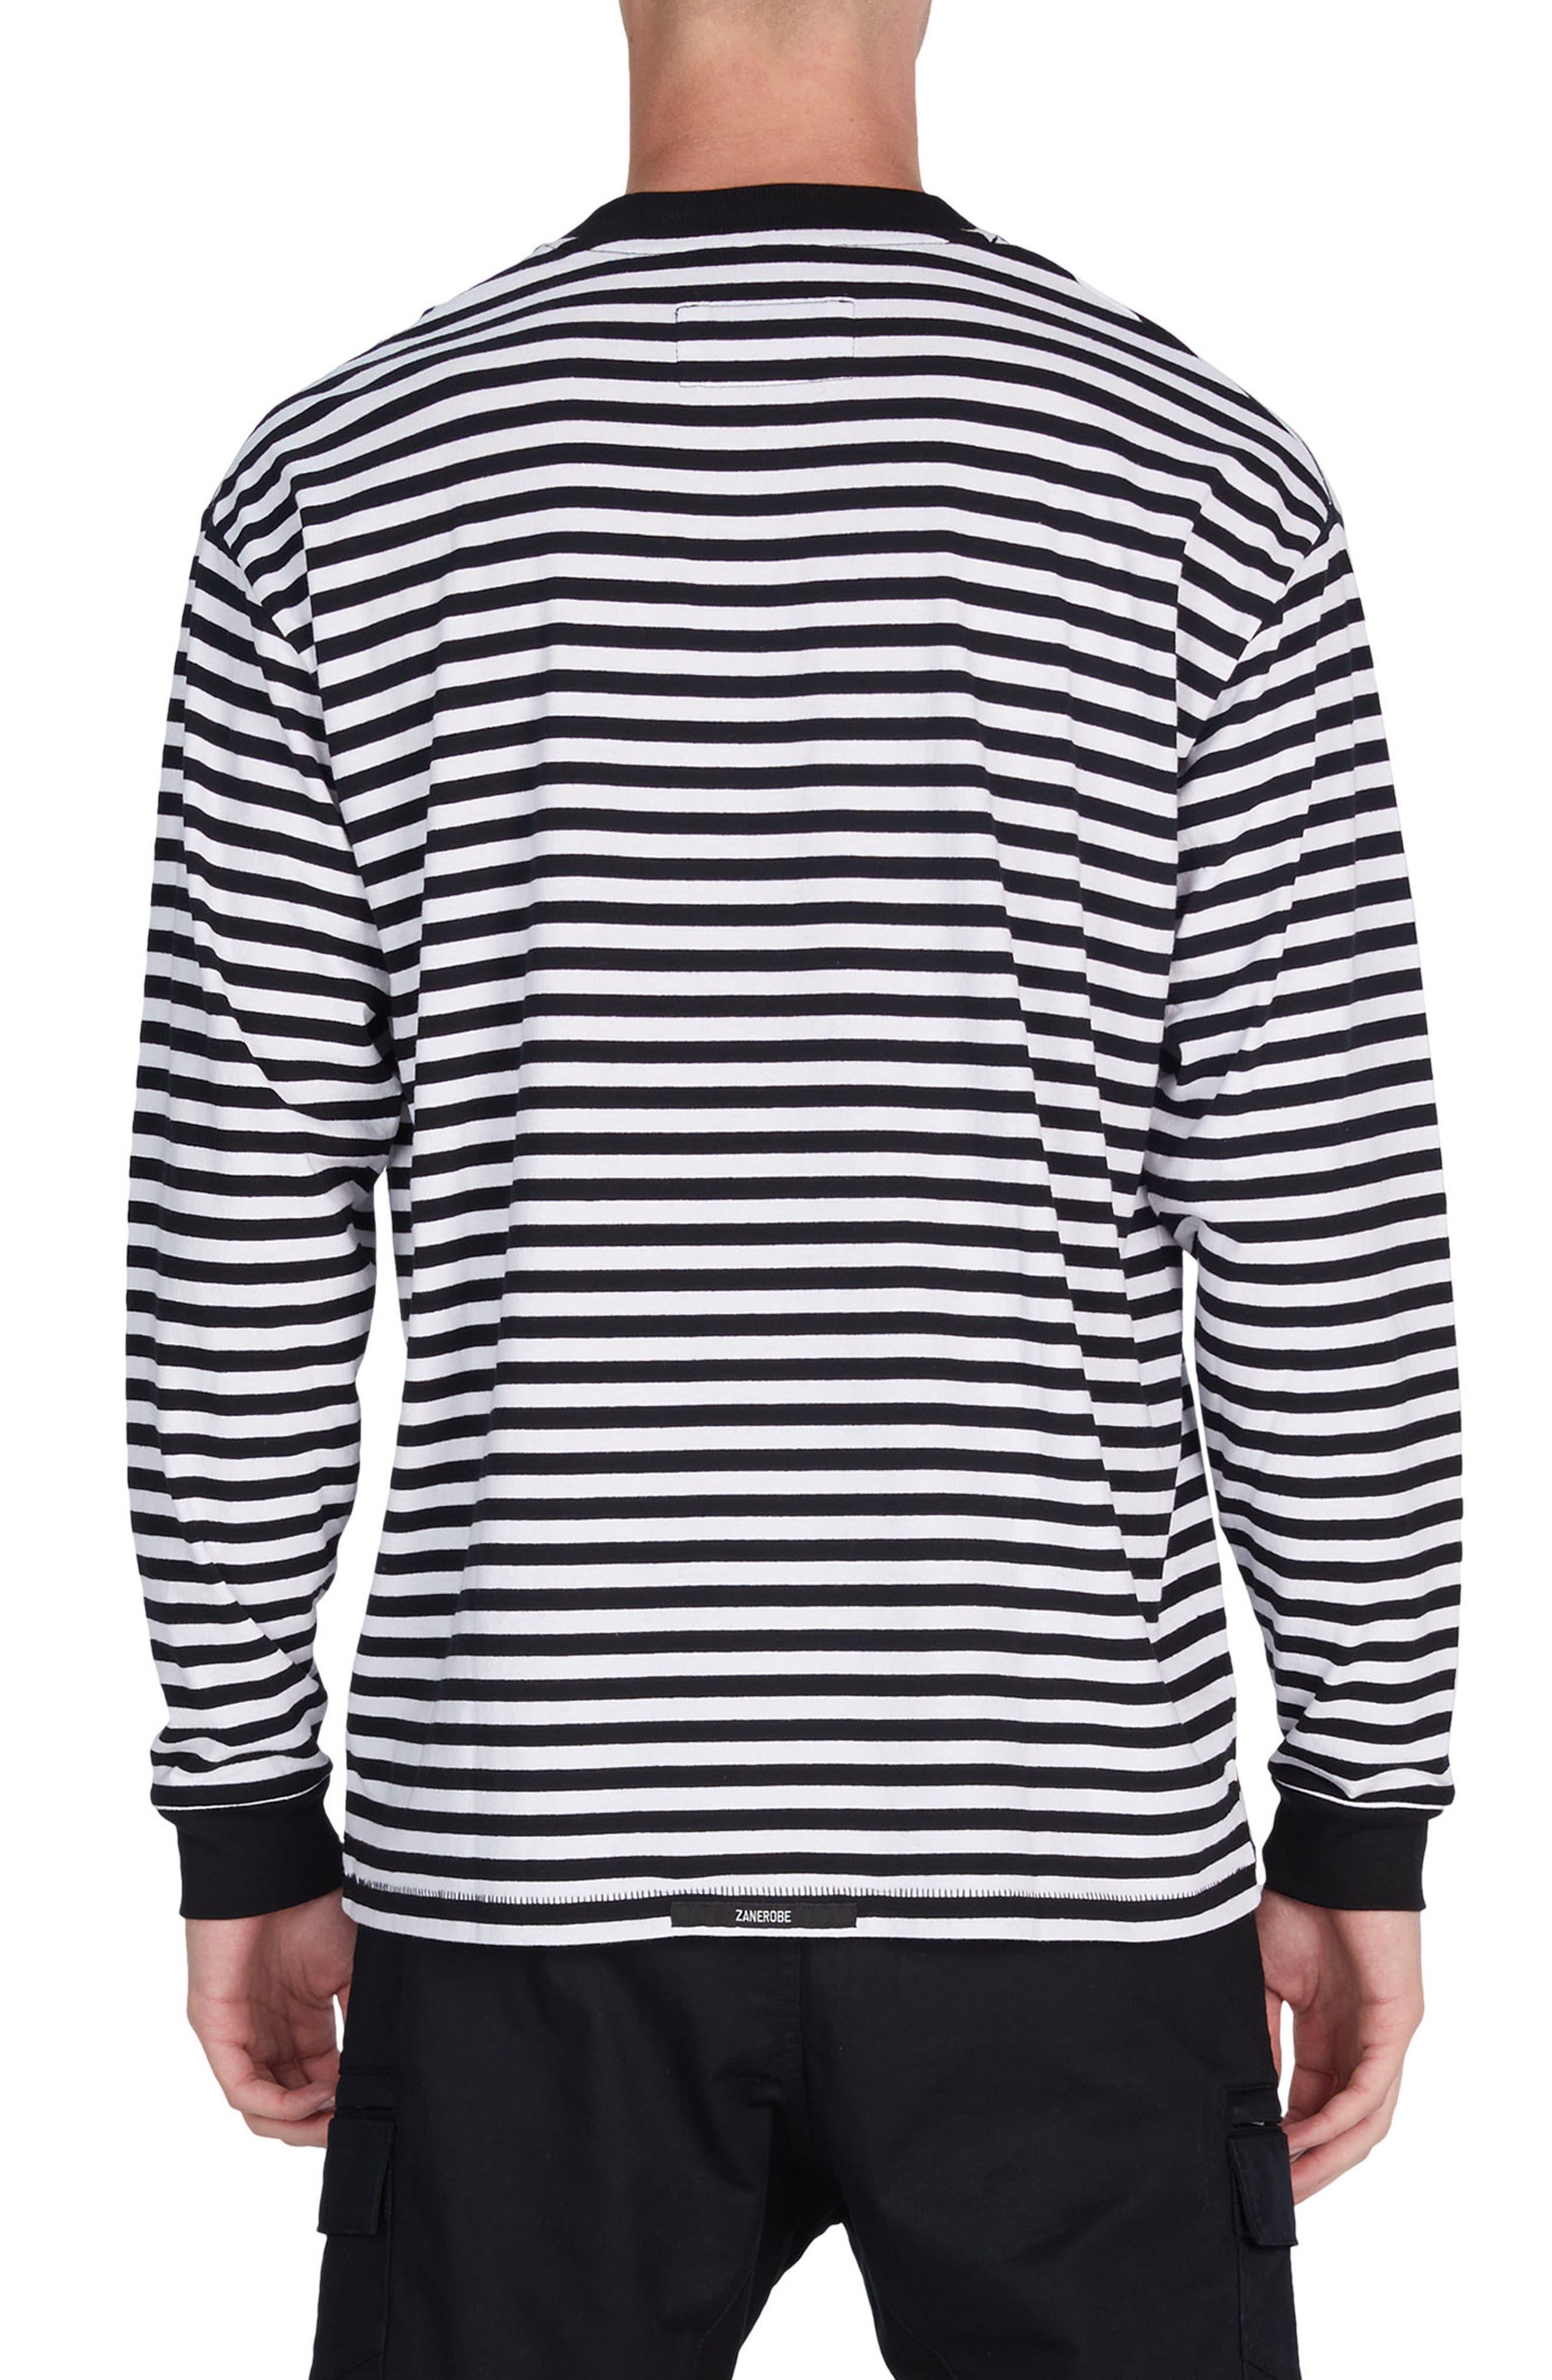 Stripe Box T-Shirt,                             Alternate thumbnail 2, color,                             Black/ White